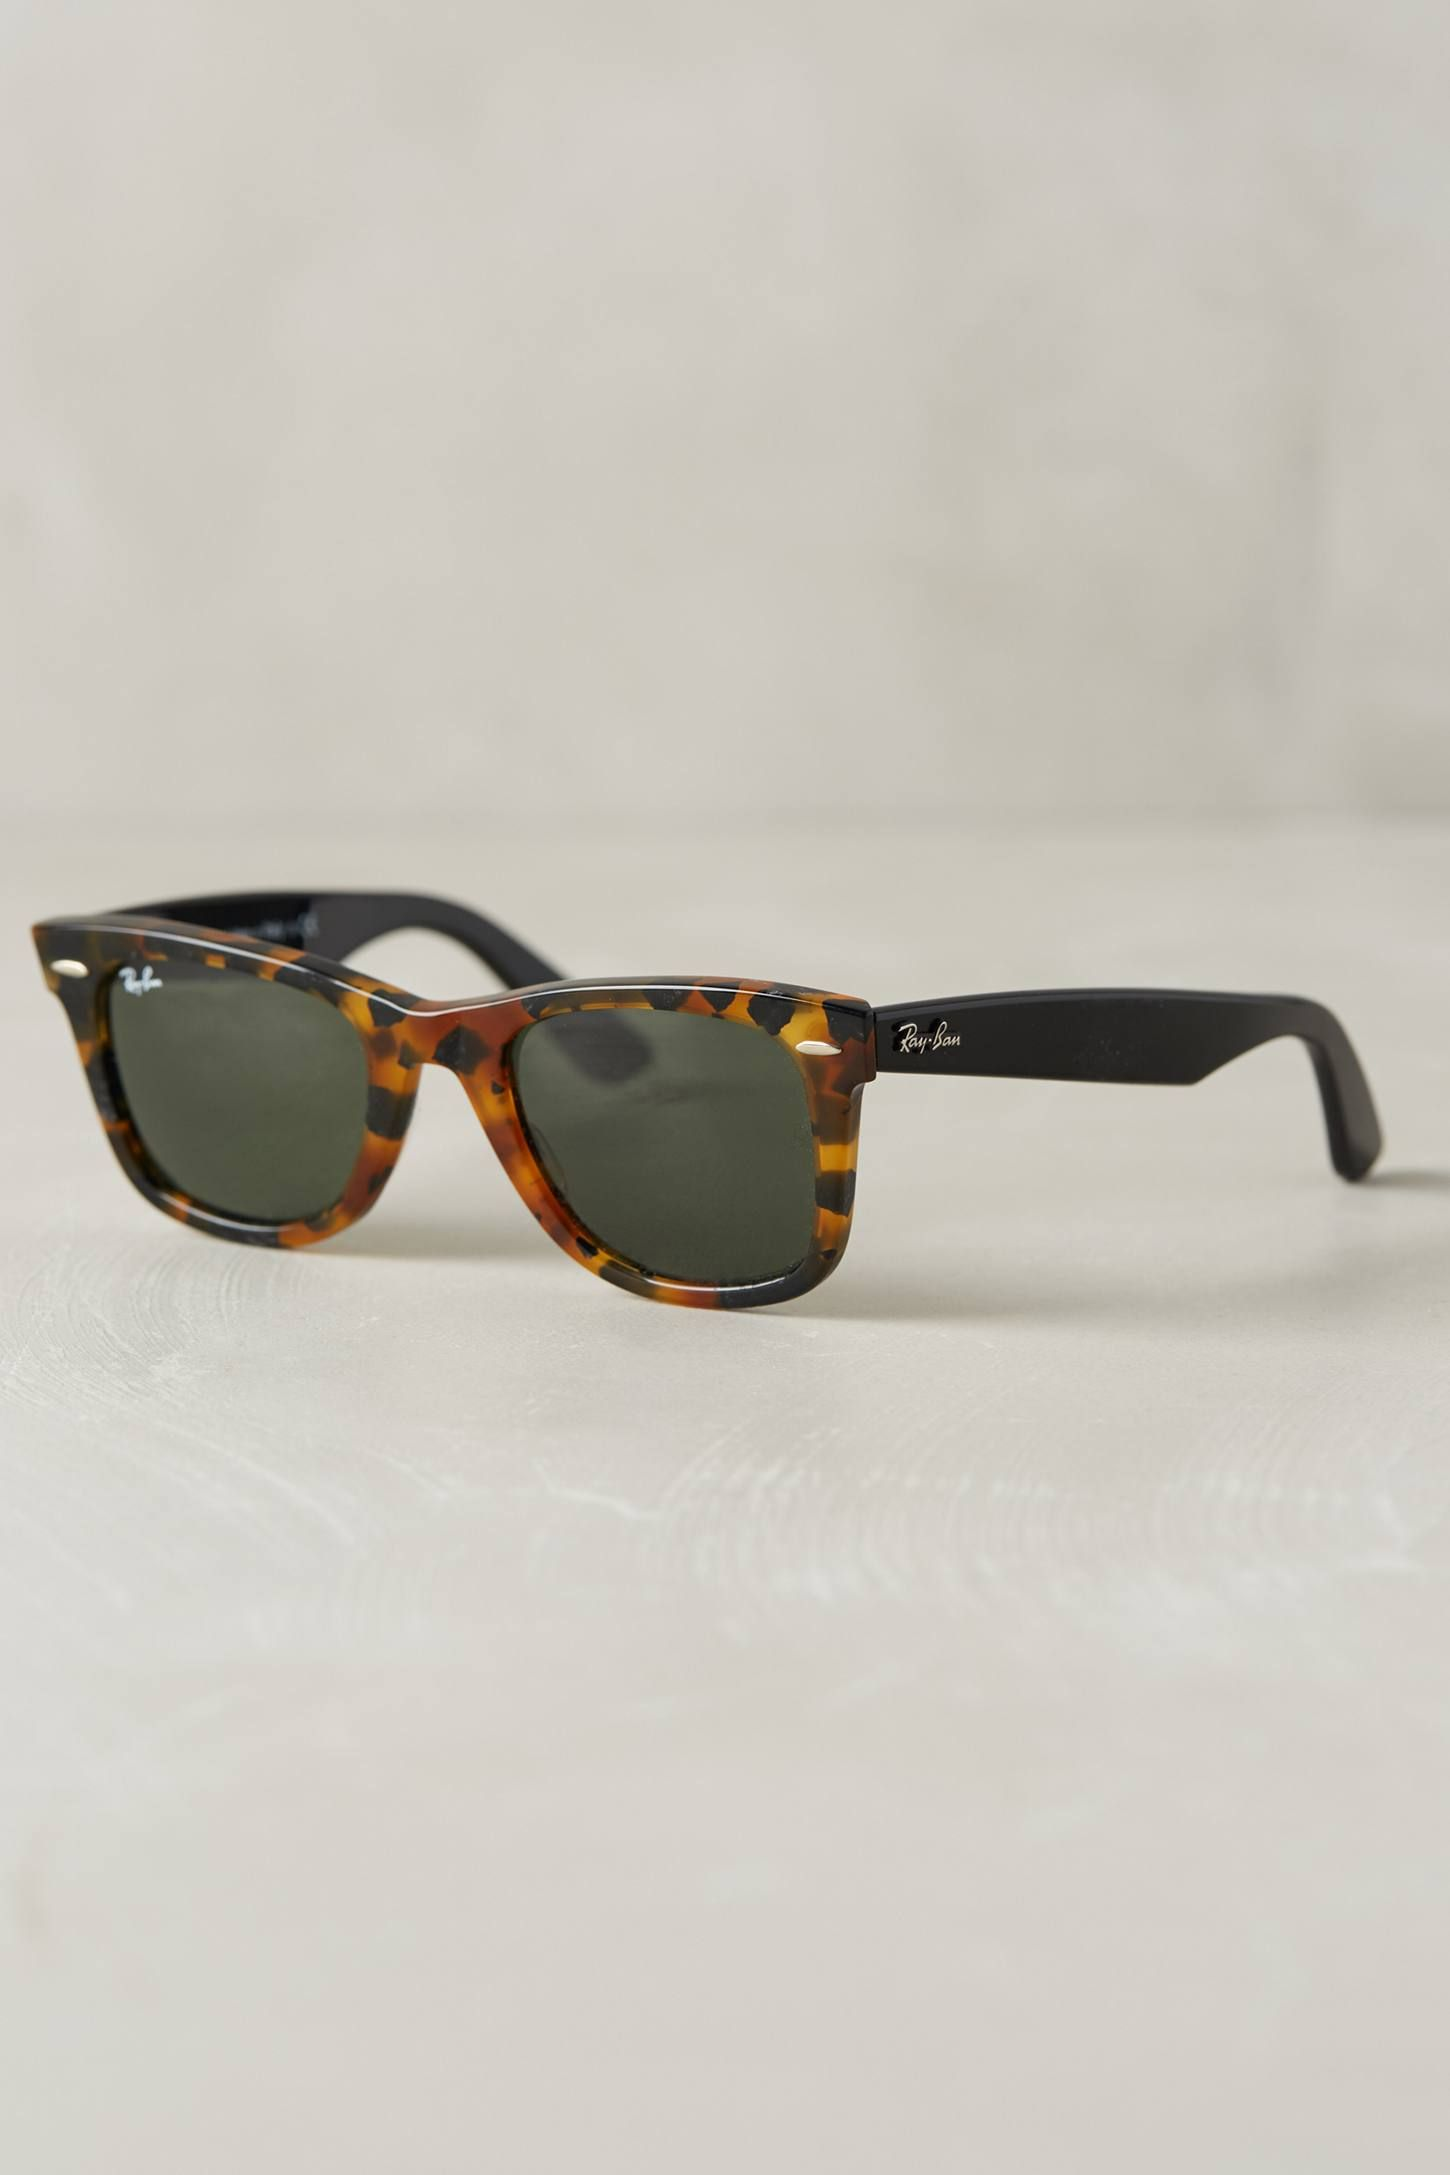 Ray-Ban Original Wayfarer Fleck Sunglasses - anthropologie.com ... 730c5e735ca5